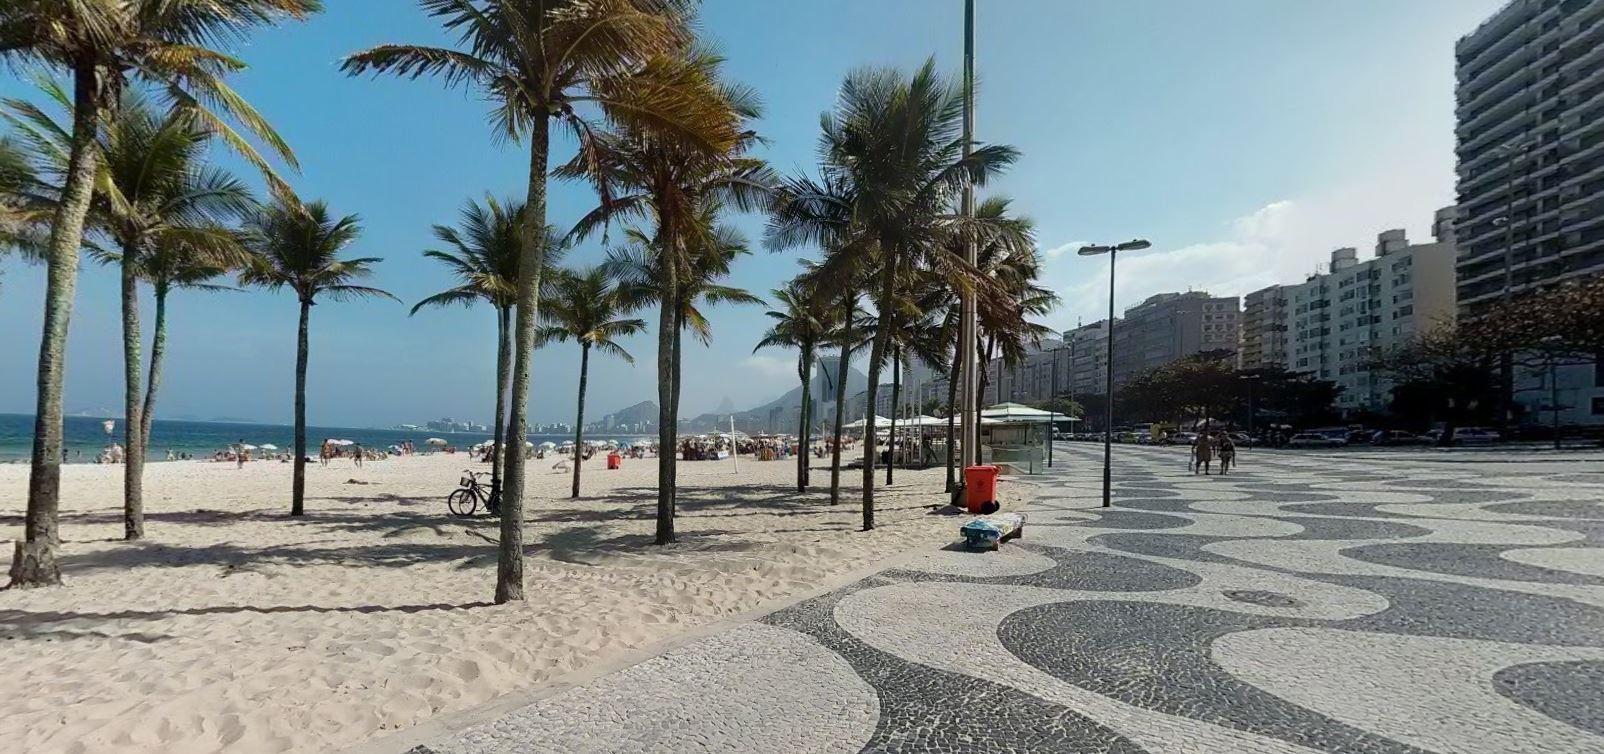 Leme - Rio de Janeiro - por Hao-Zheng